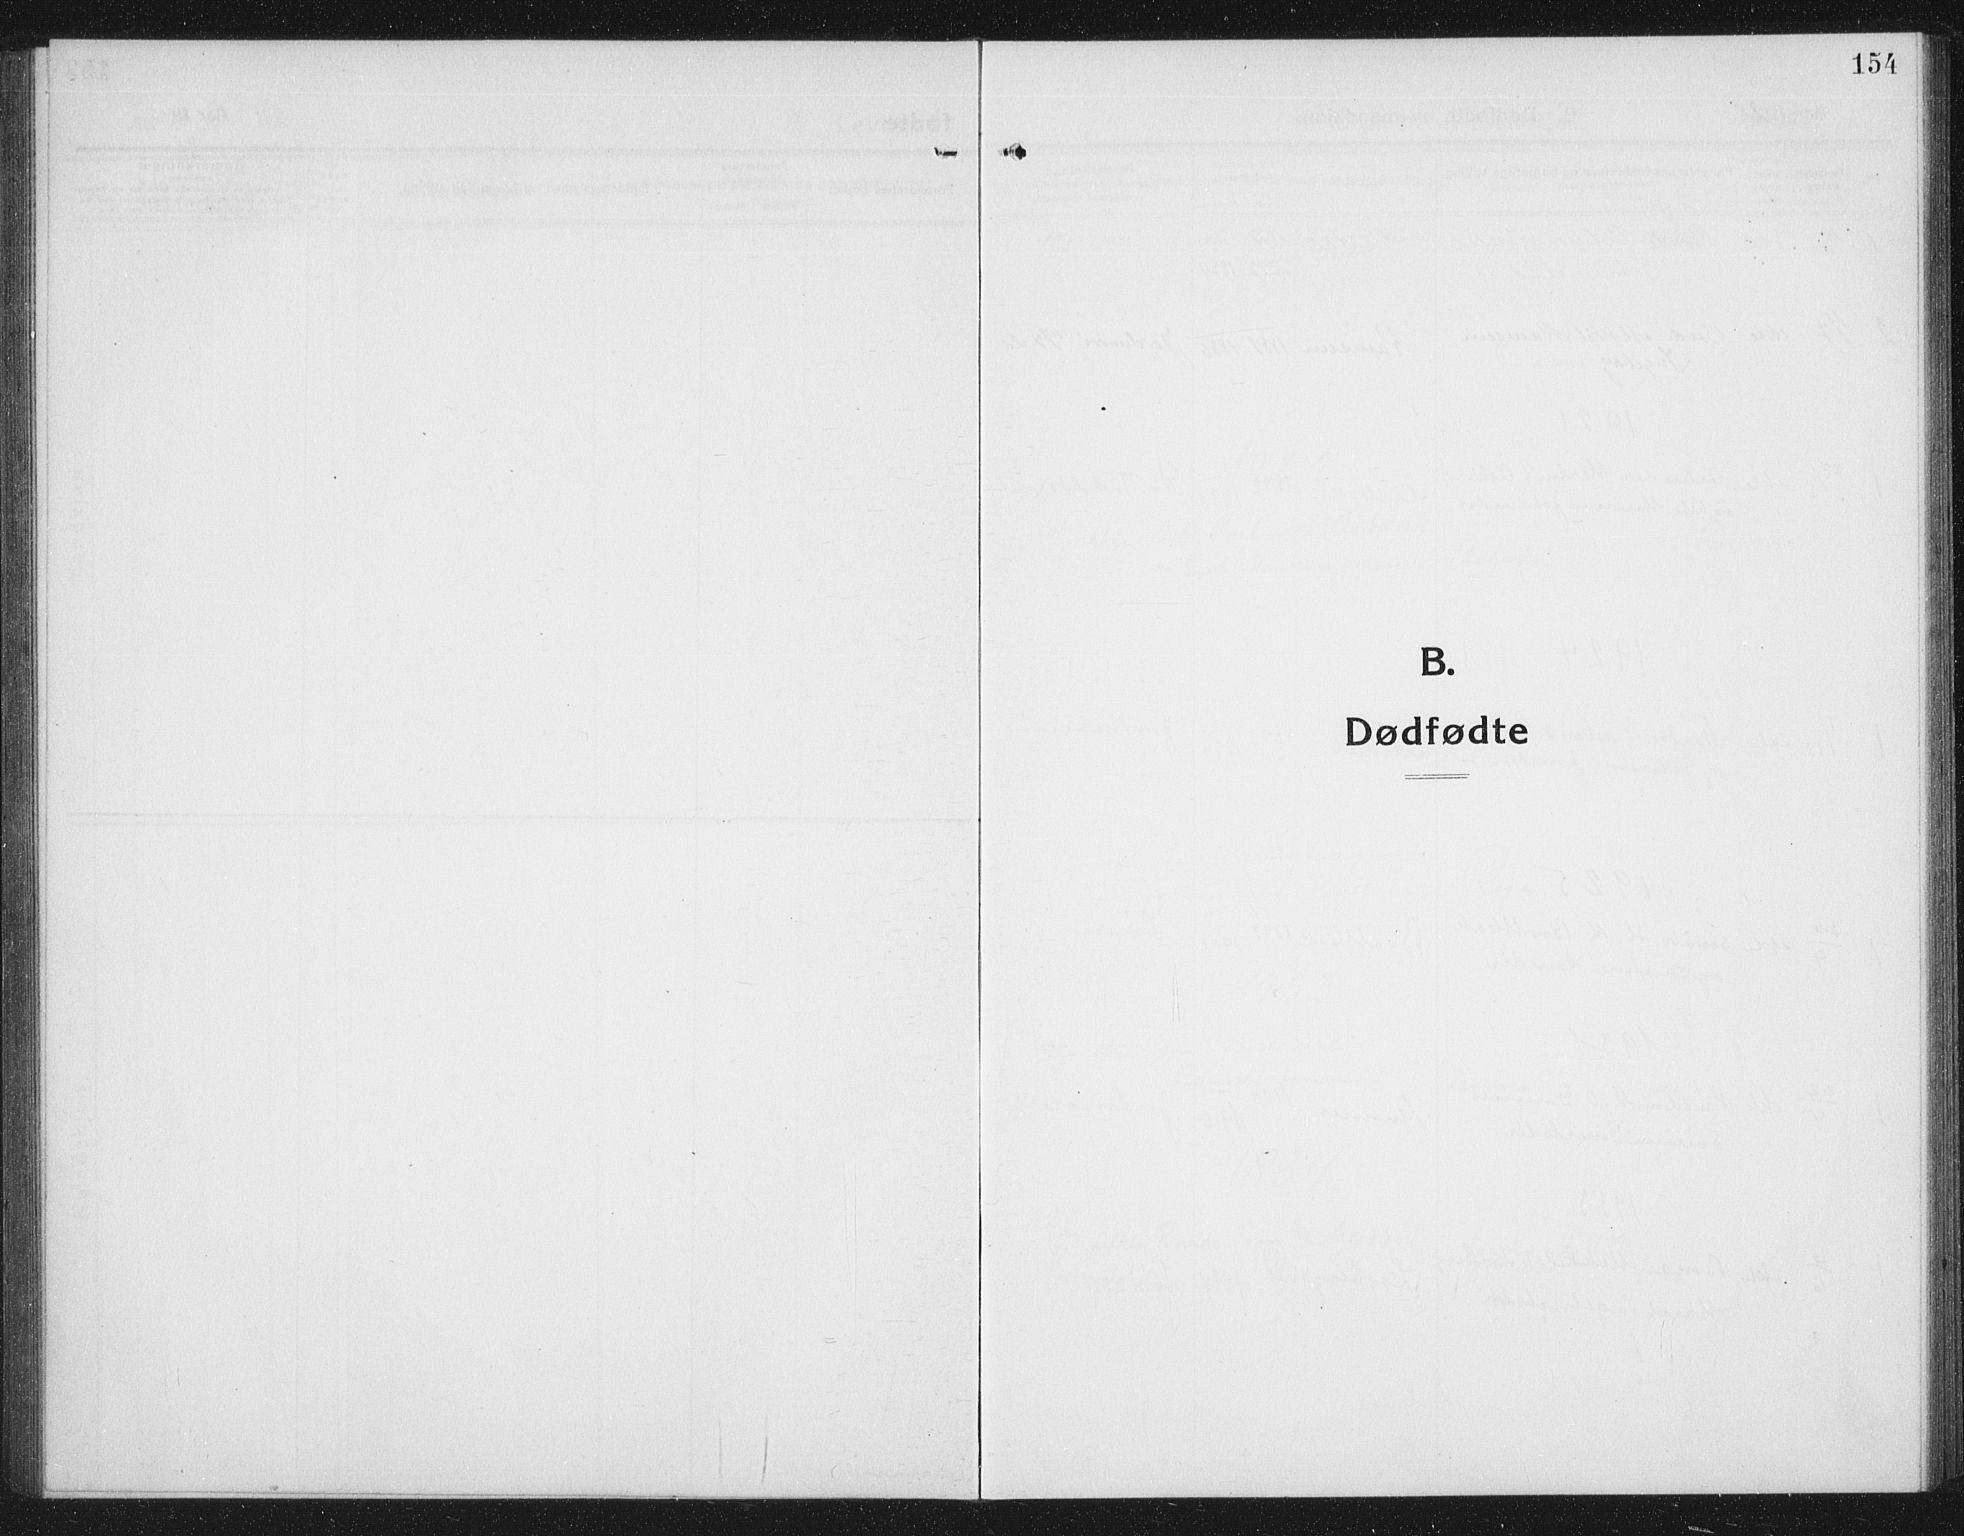 SAT, Ministerialprotokoller, klokkerbøker og fødselsregistre - Sør-Trøndelag, 674/L0877: Klokkerbok nr. 674C04, 1913-1940, s. 154